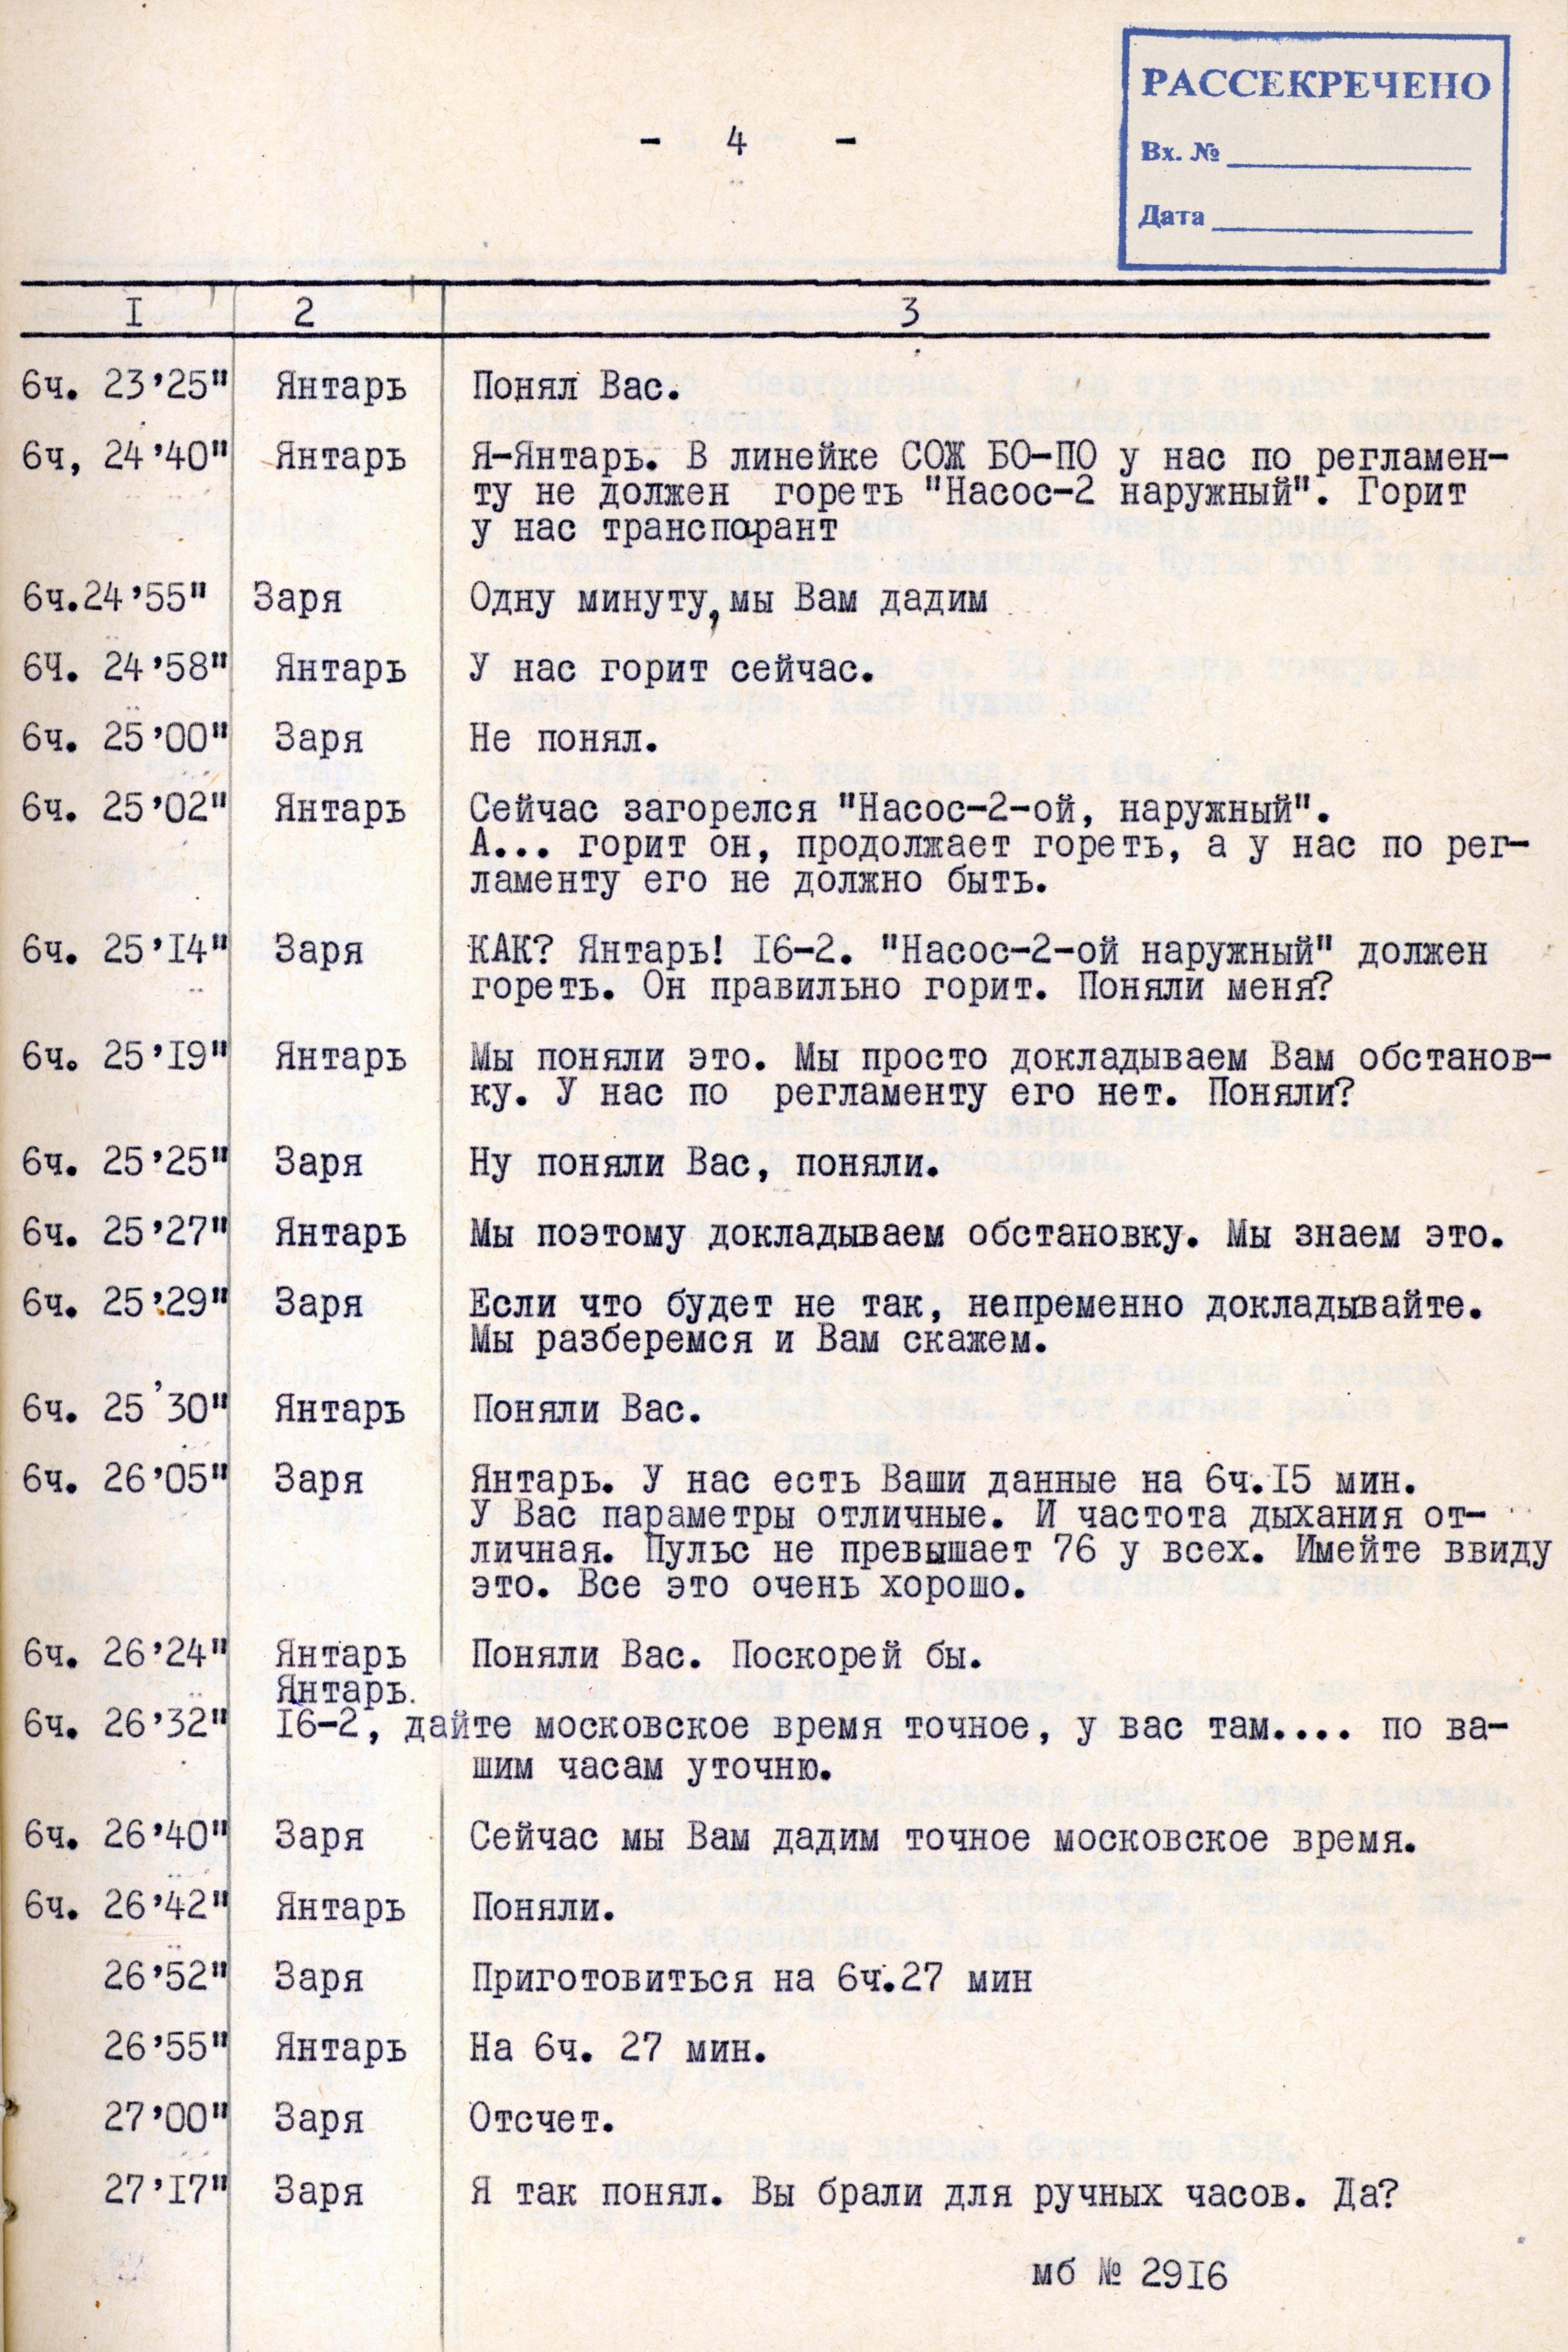 Рассекреченный документ, с.4